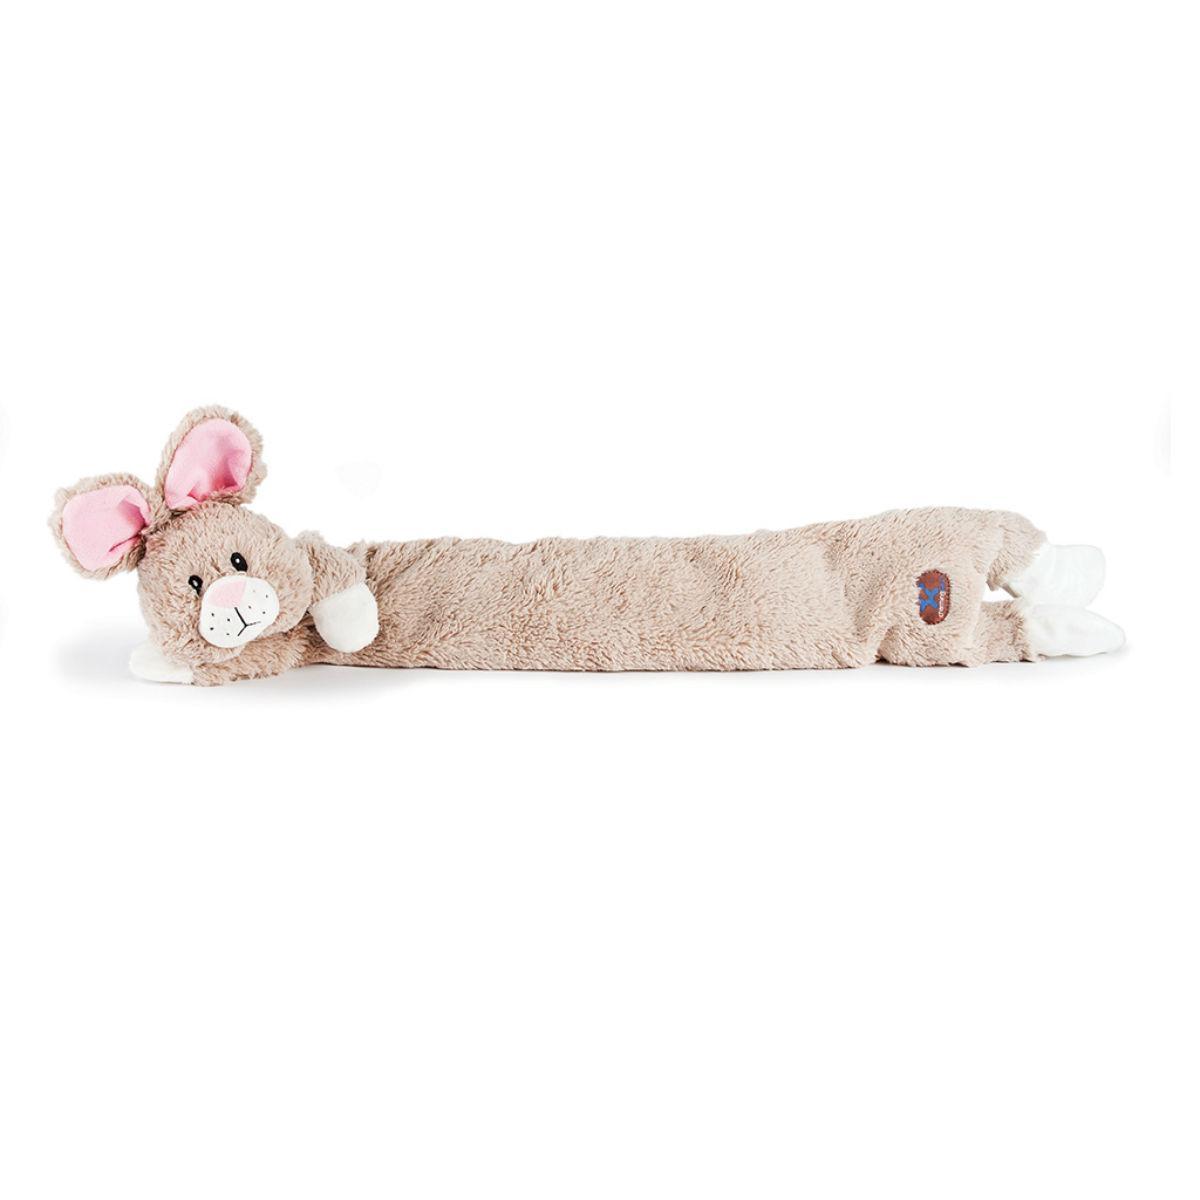 Charming Pet Longidudes Dog Toy - Rabbit